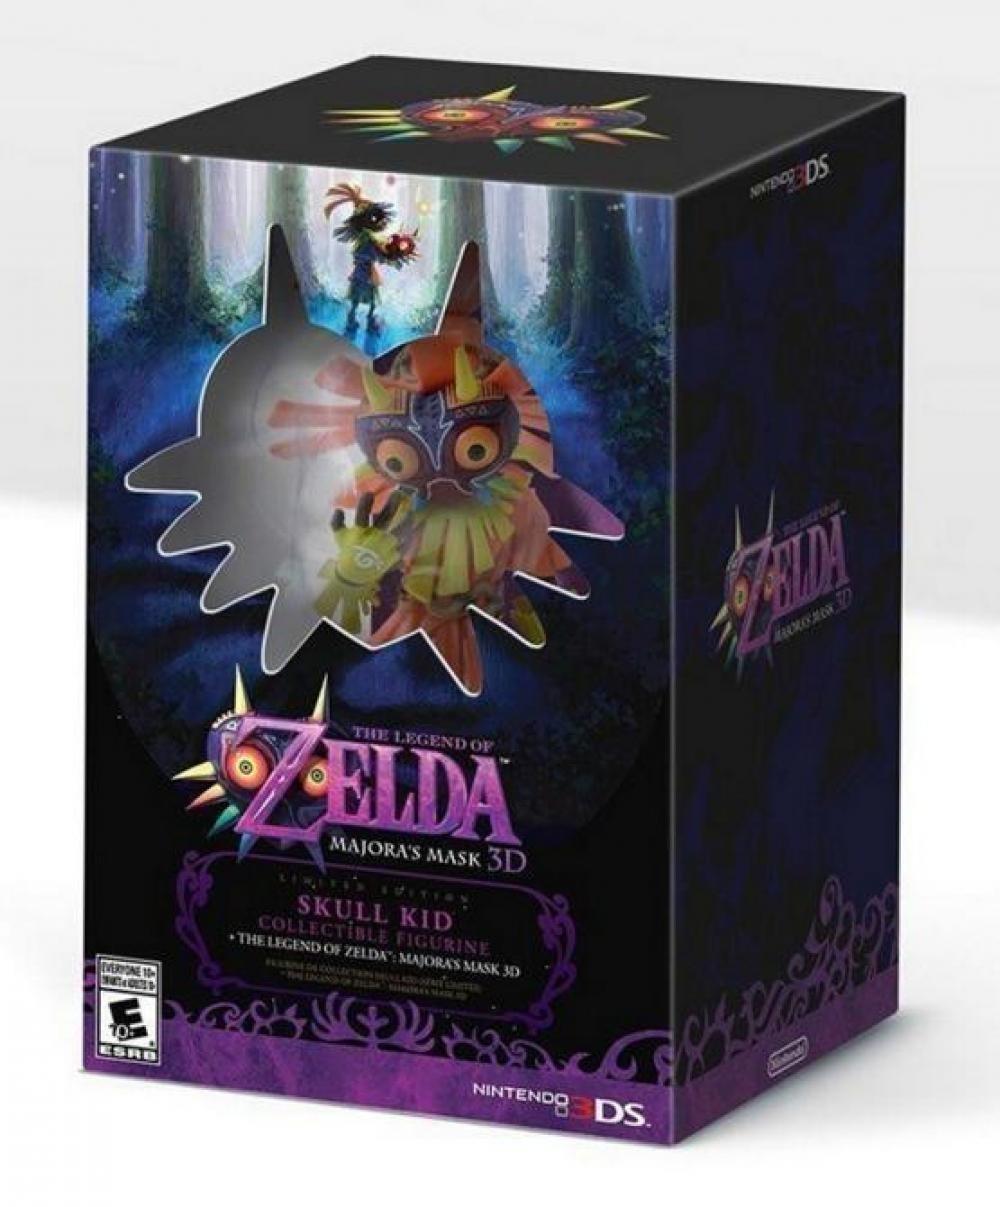 THE LEGEND OF ZELDA - MAJORAS MASK 3D - SKULL KID FIGURE - LIMITED EDITION: Amazon.es: Juguetes y juegos